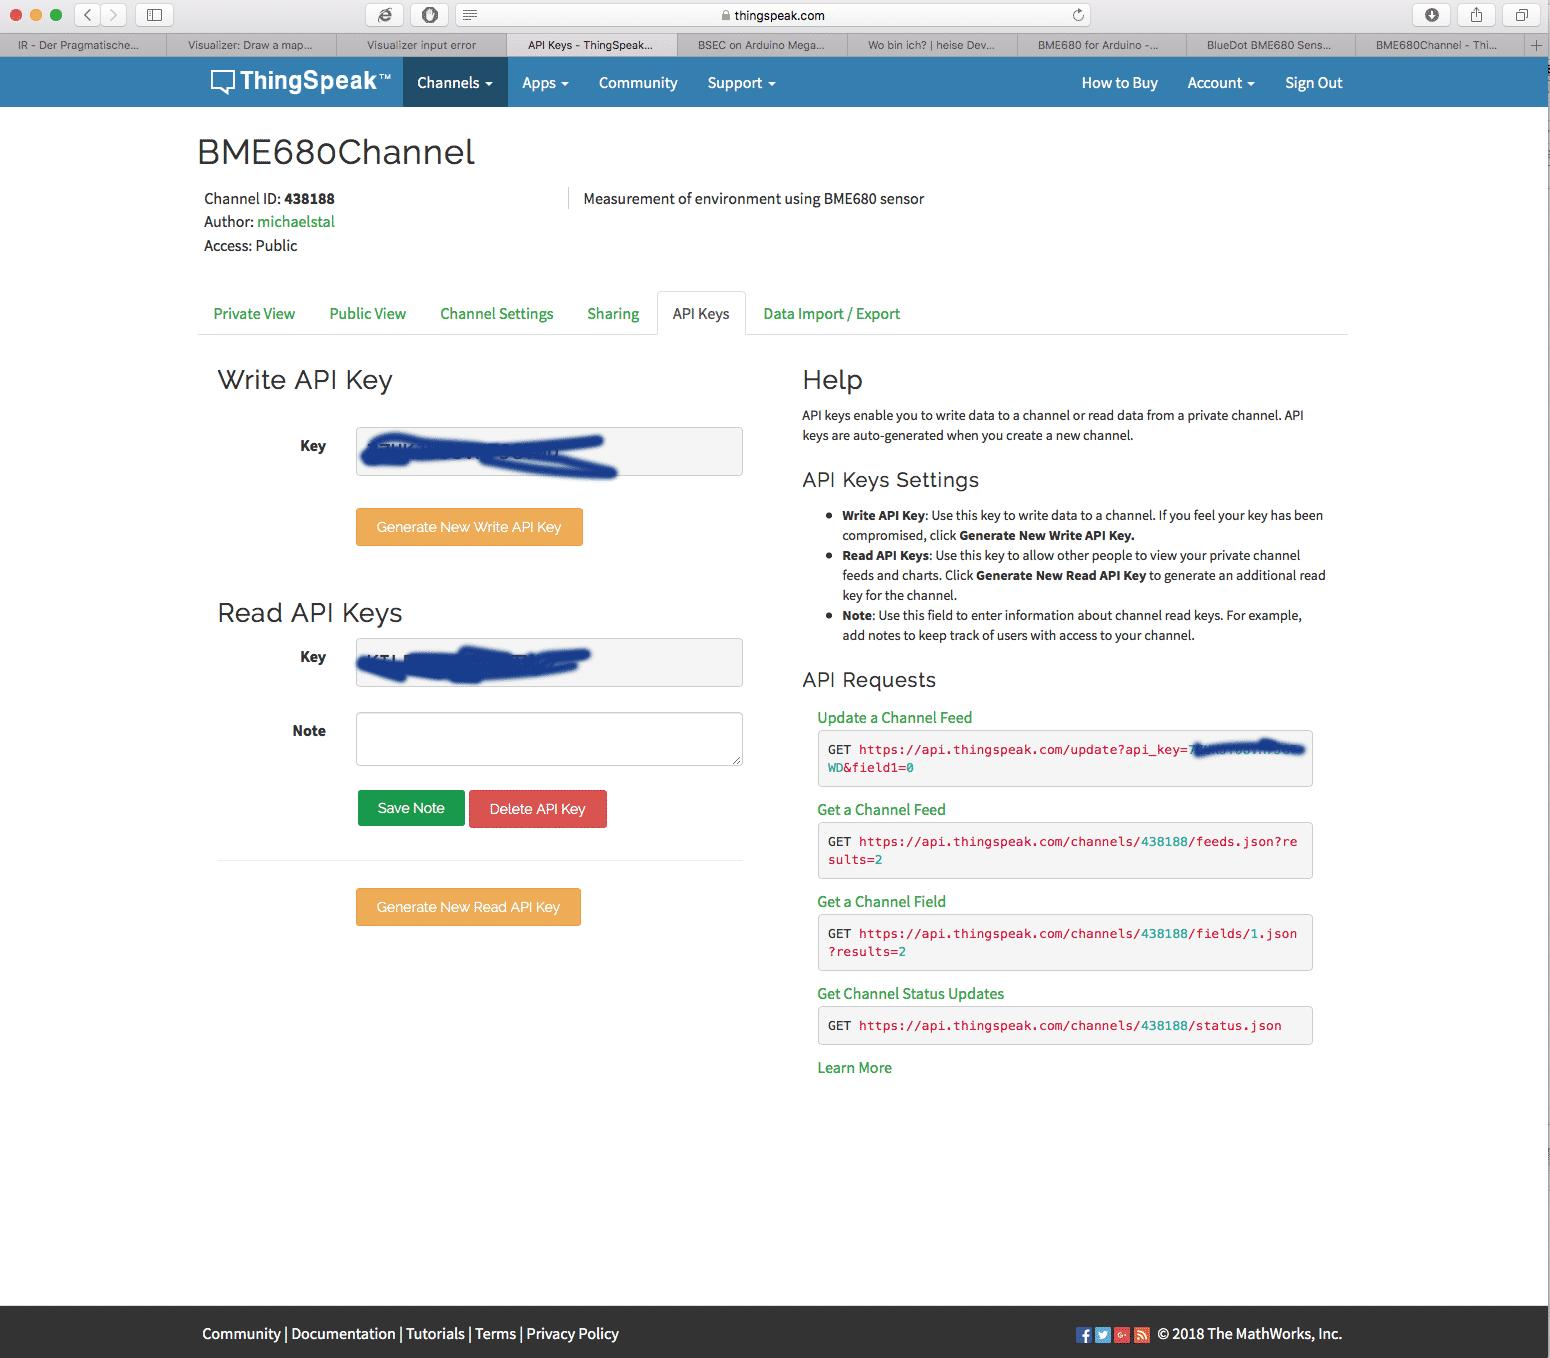 Auf der Registerkarte erfährt der IoT-Maker seine API-Schlüssel, die er später in seinen Programmen benötigt